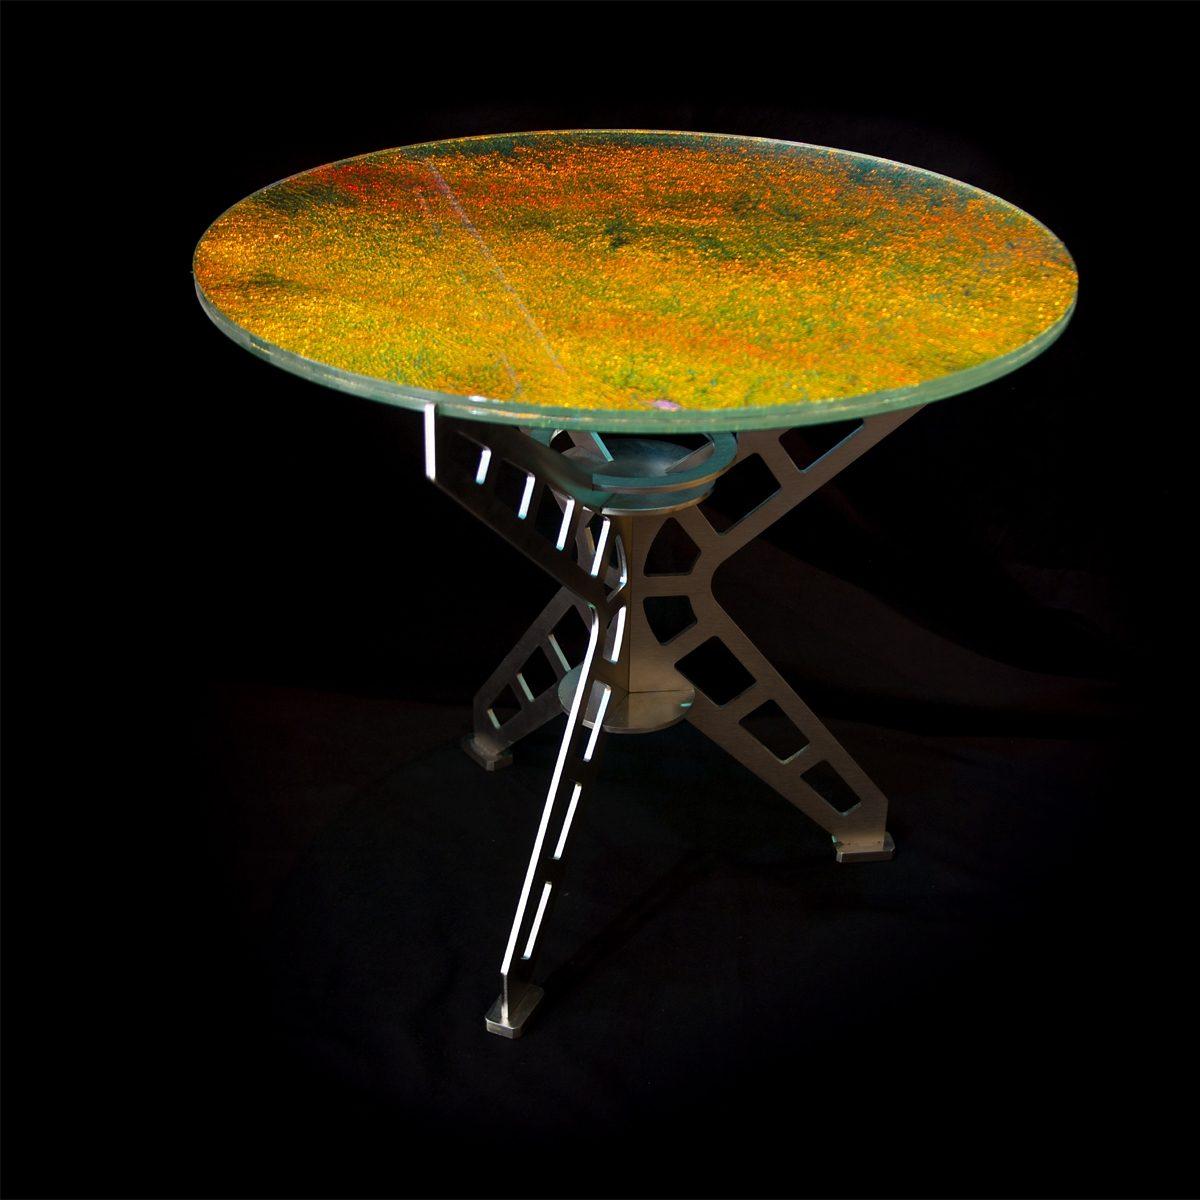 Stahlglanz Stahlglanz Tisch PICASSO mit Effekt-Glas